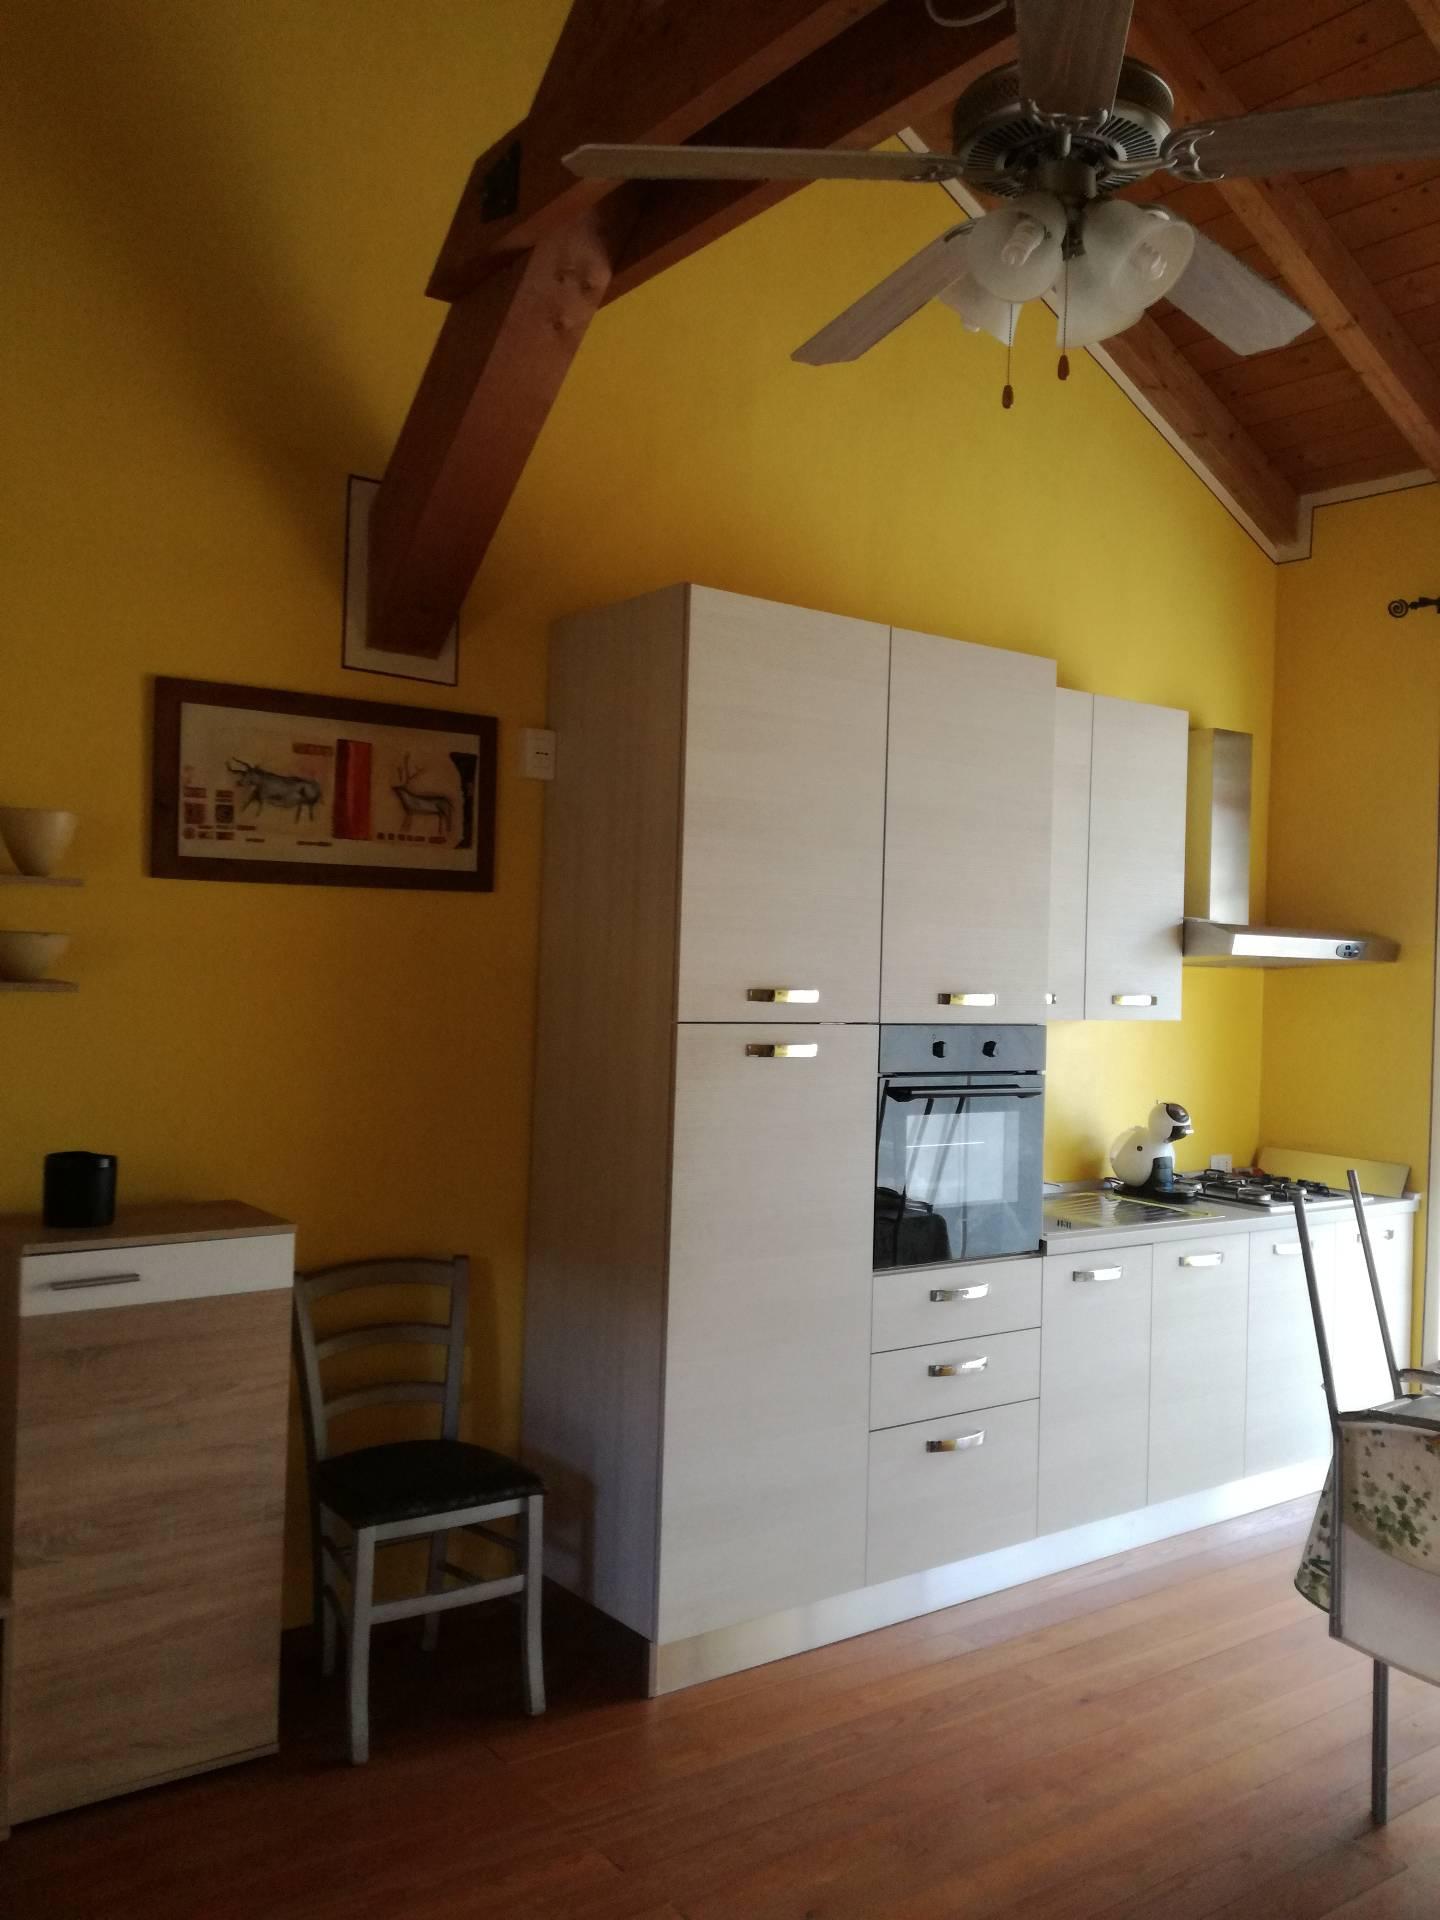 Appartamento in affitto a Verbania, 3 locali, zona Zona: Fondotoce, prezzo € 600 | CambioCasa.it